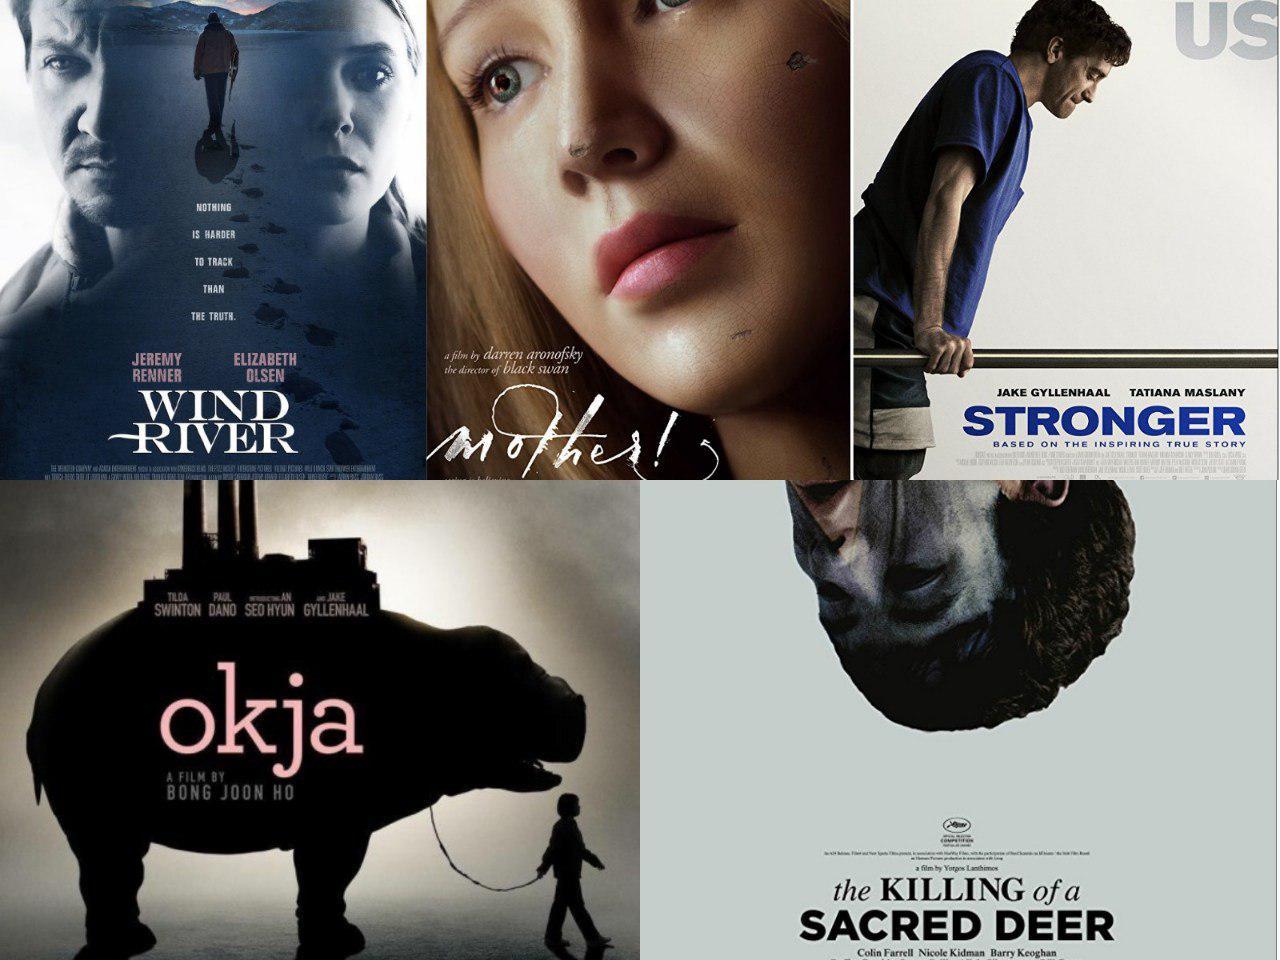 ۱۷ فیلم برتر حذف شده از اسکار ۲۰۱۸